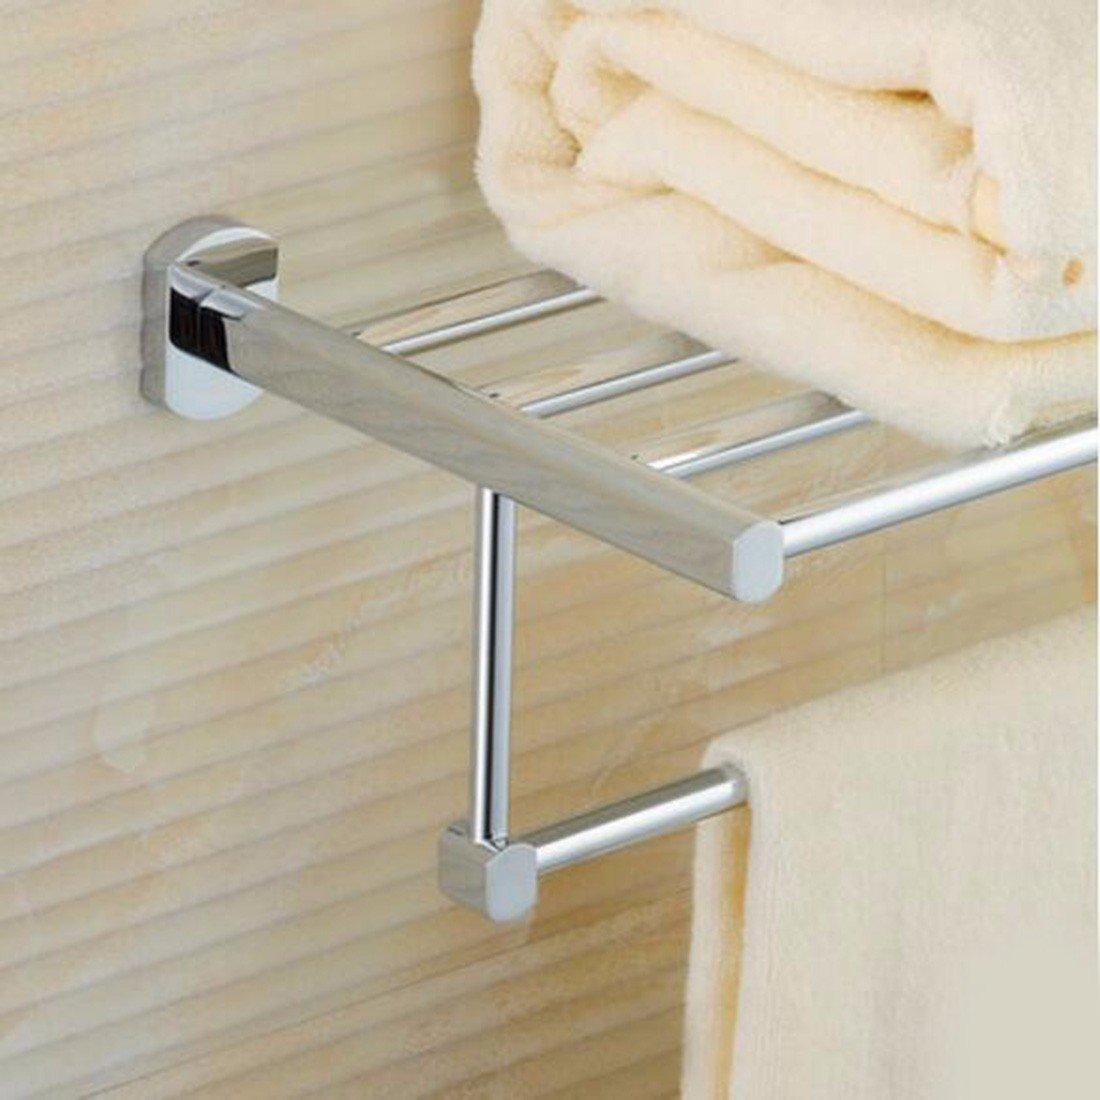 Sursy Todo el cobre toallero double deck, baño, toallas de baño, Baño, Cuarto de baño, cuarto de baño estante colgante de hardware: Amazon.es: Hogar